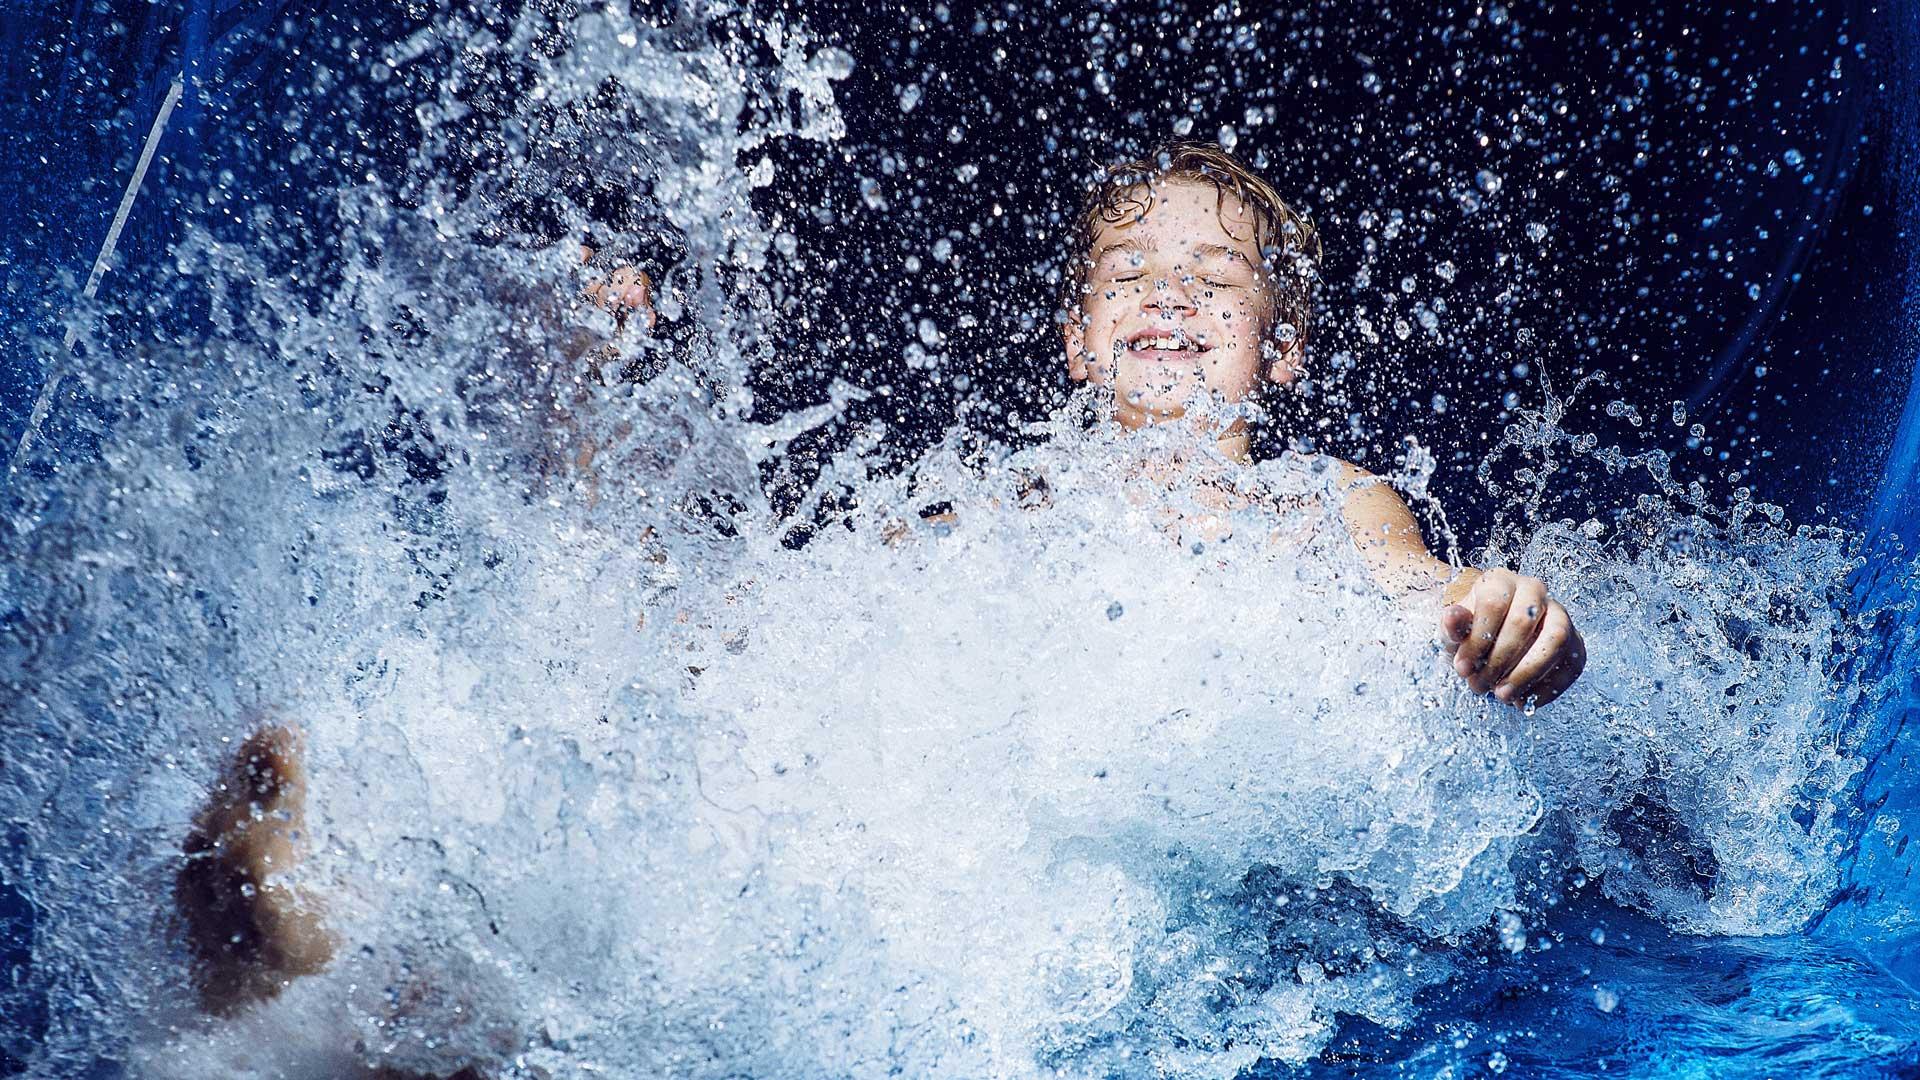 Junge in der Wasserrutsche